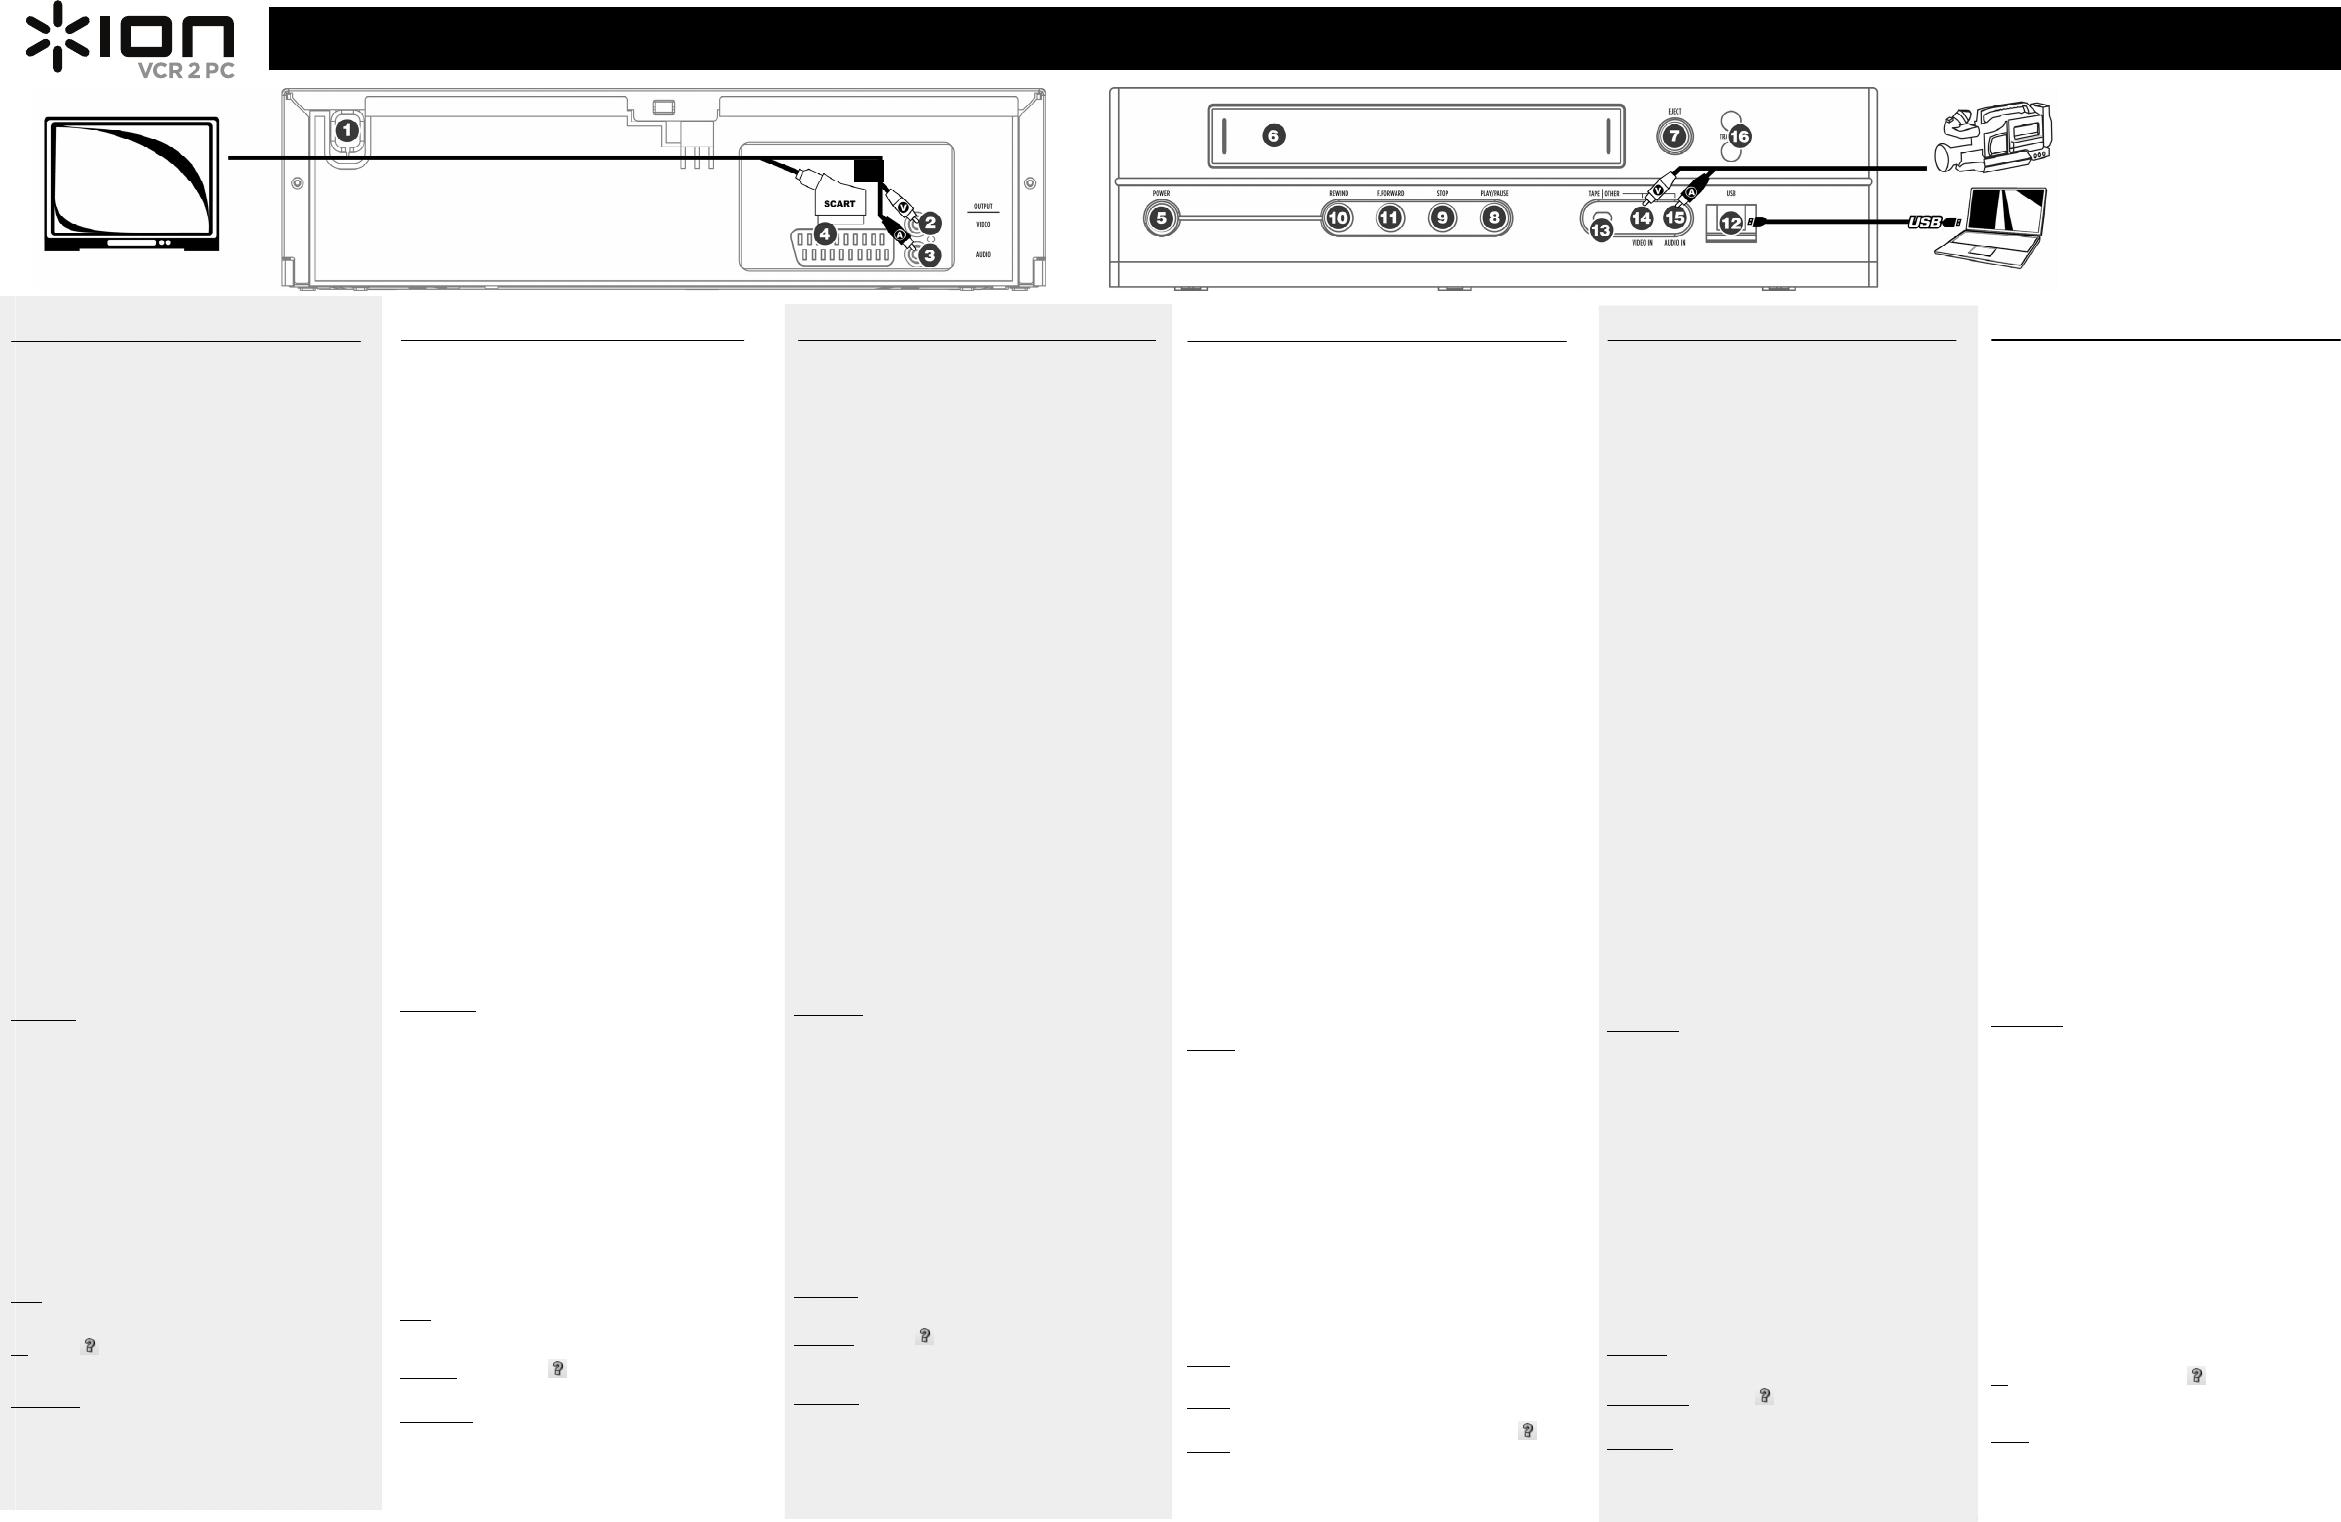 Ez vhs converter software download